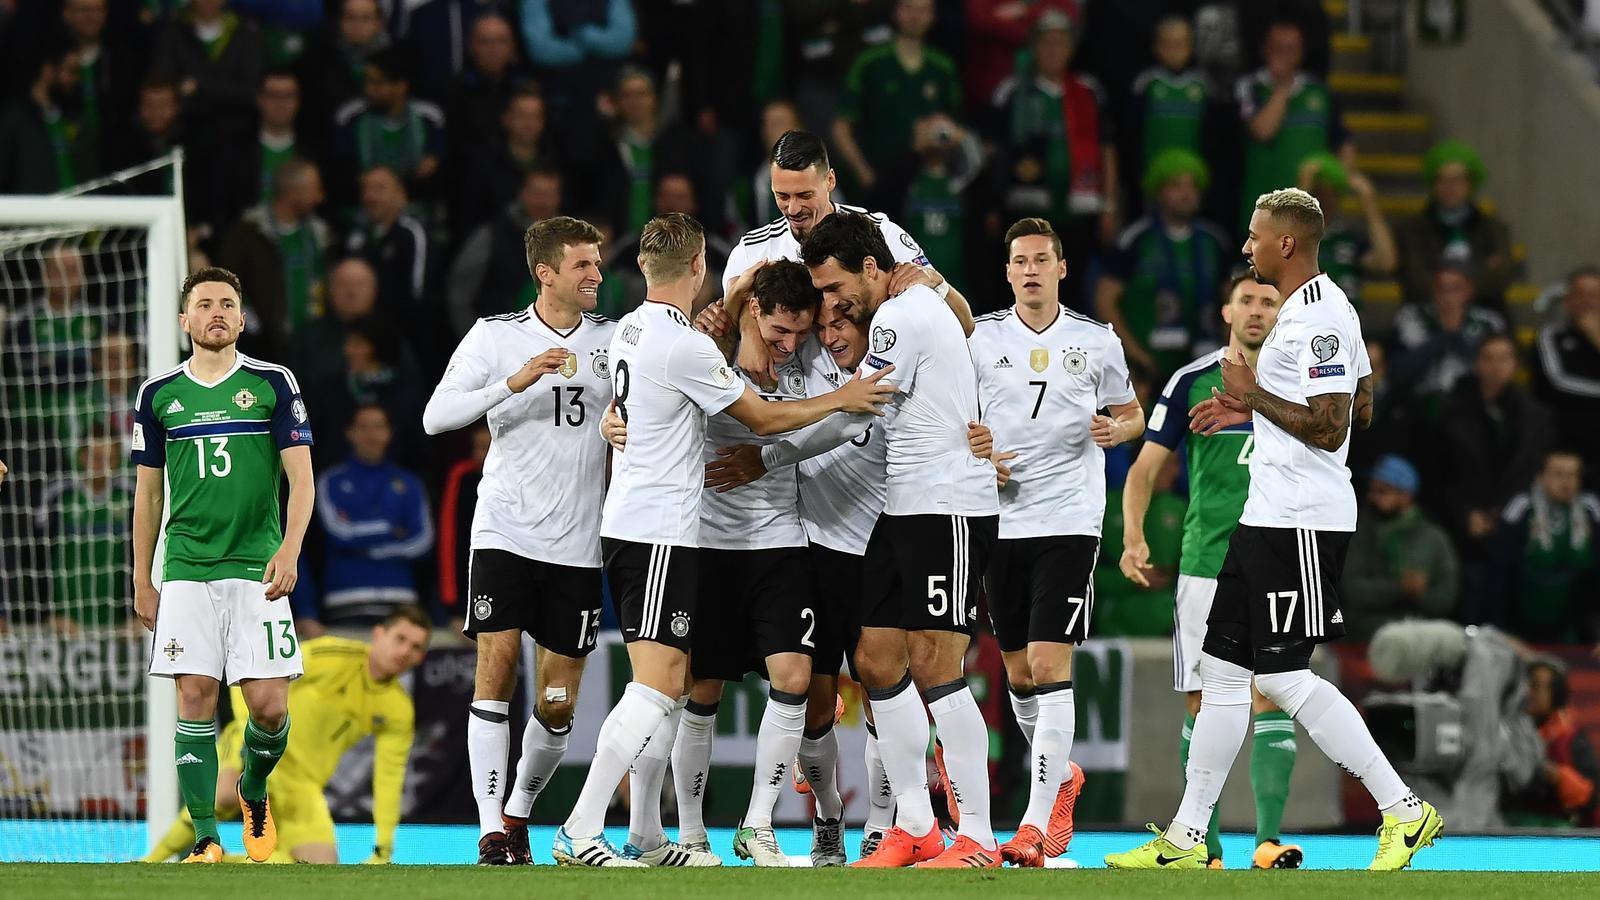 deutschland vs nordirland live stream